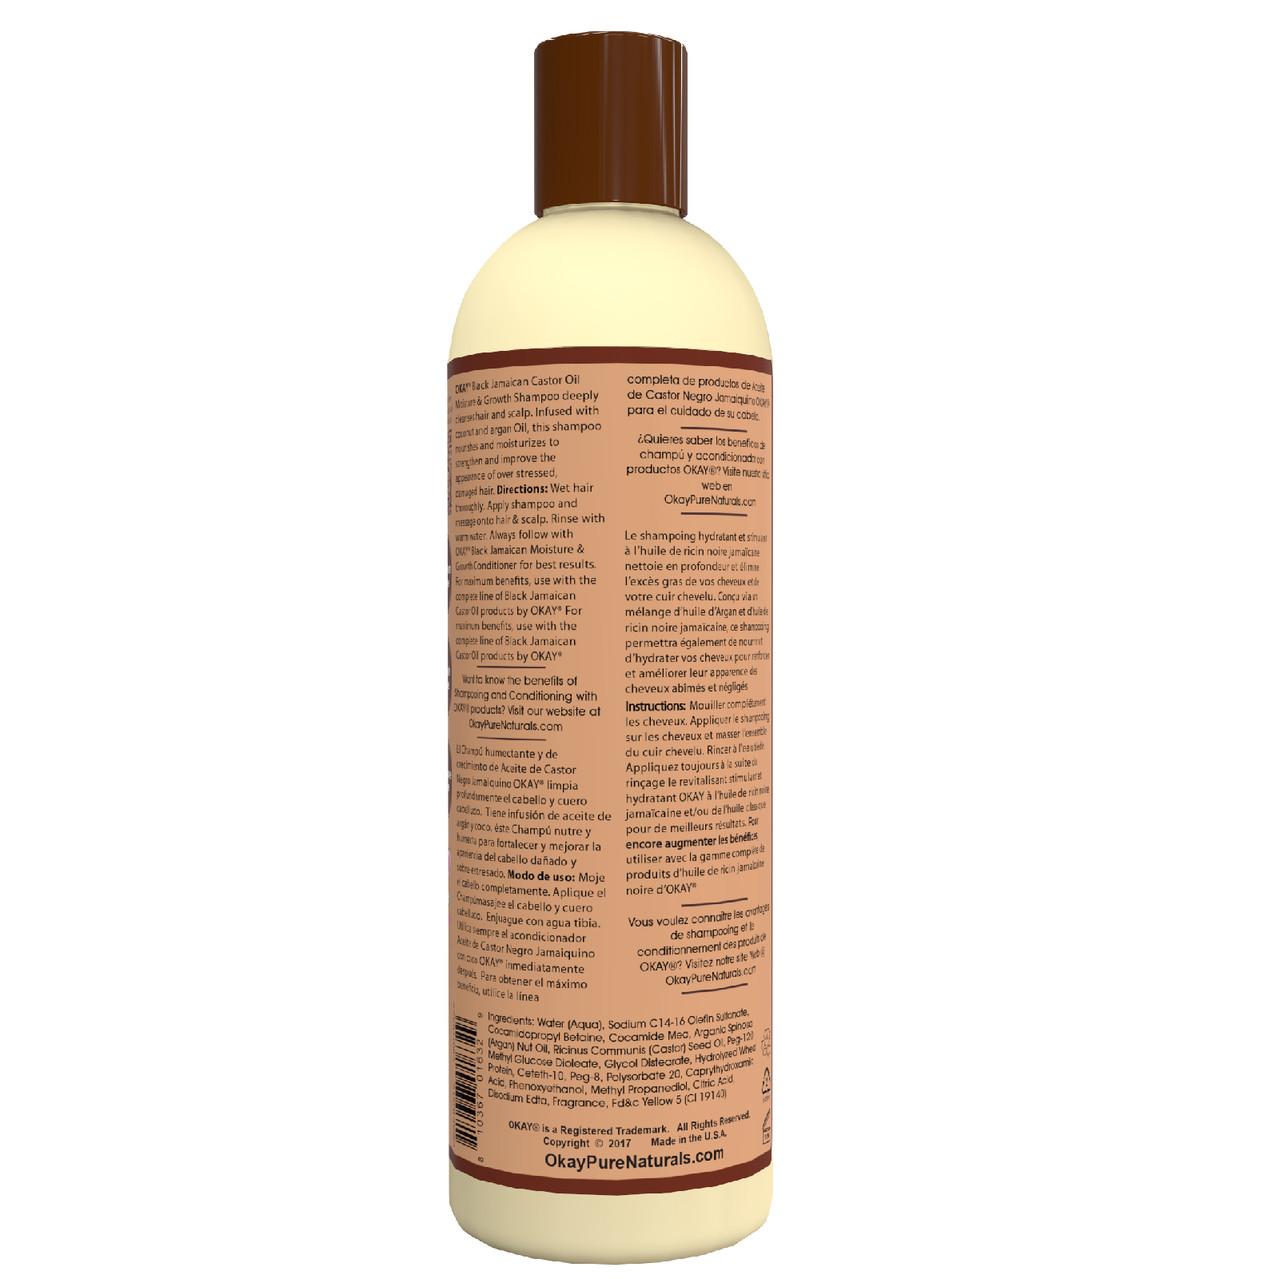 Okay Black Jamaican Castor Oil Moisture Growth Shampoo Helps Moisturize Regrow Strong Healthy Hair